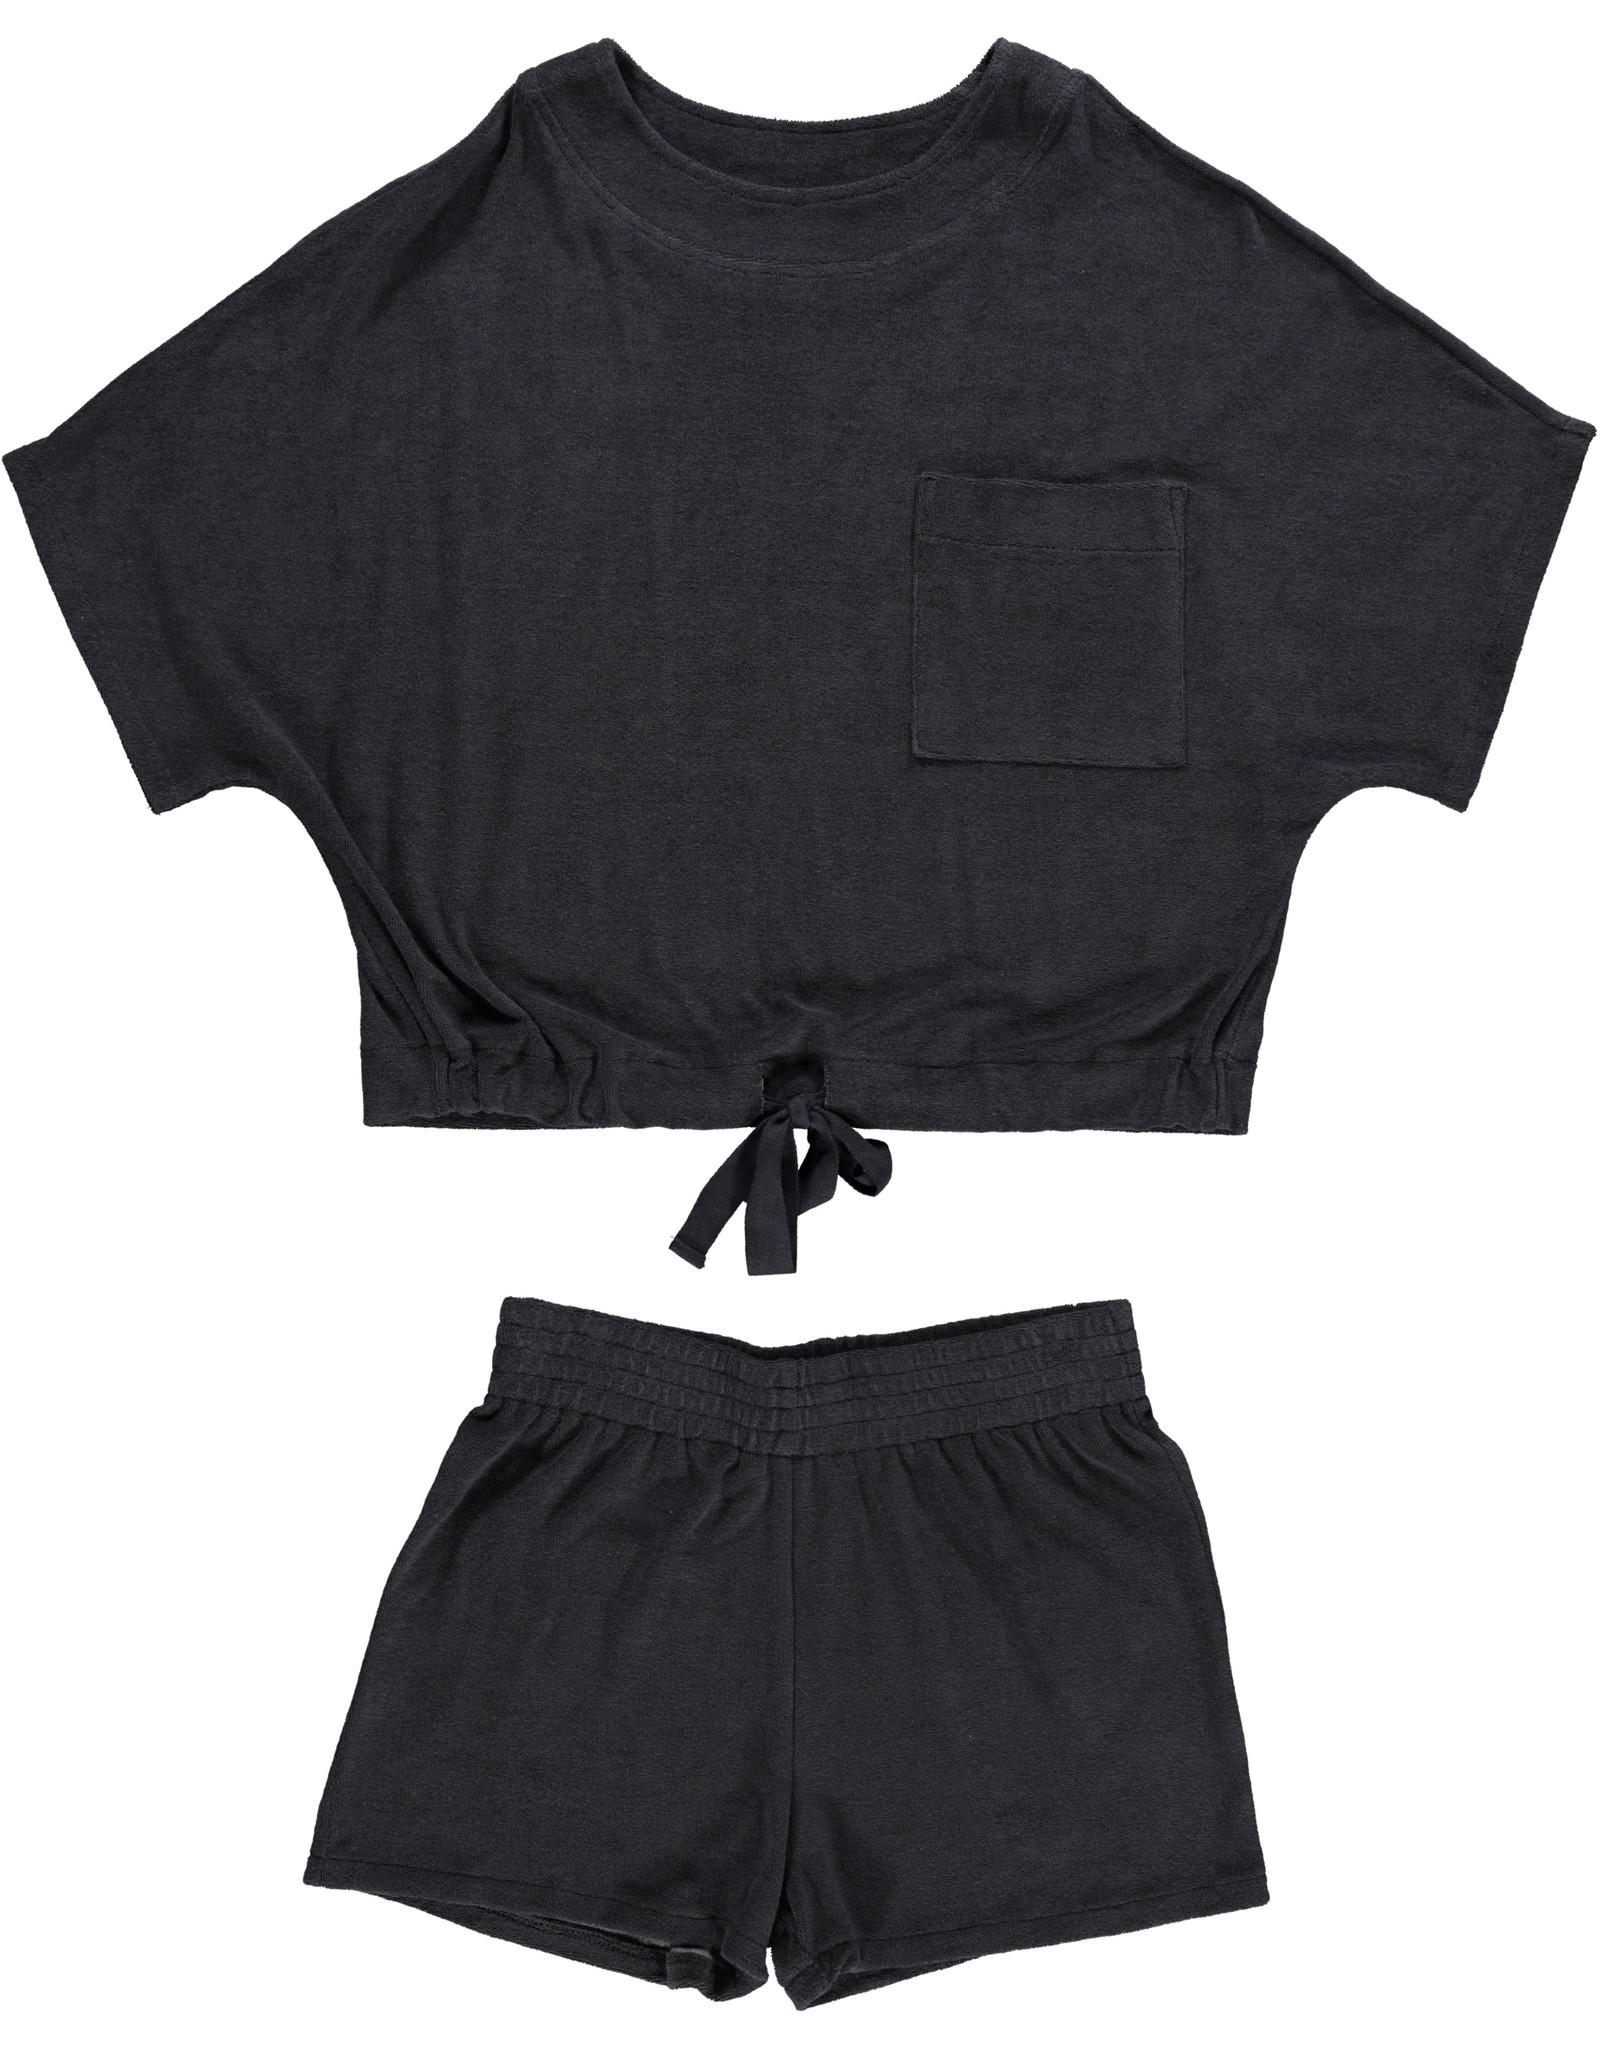 Dorélit Emita + Embla | Pajama Set Terry | Navy